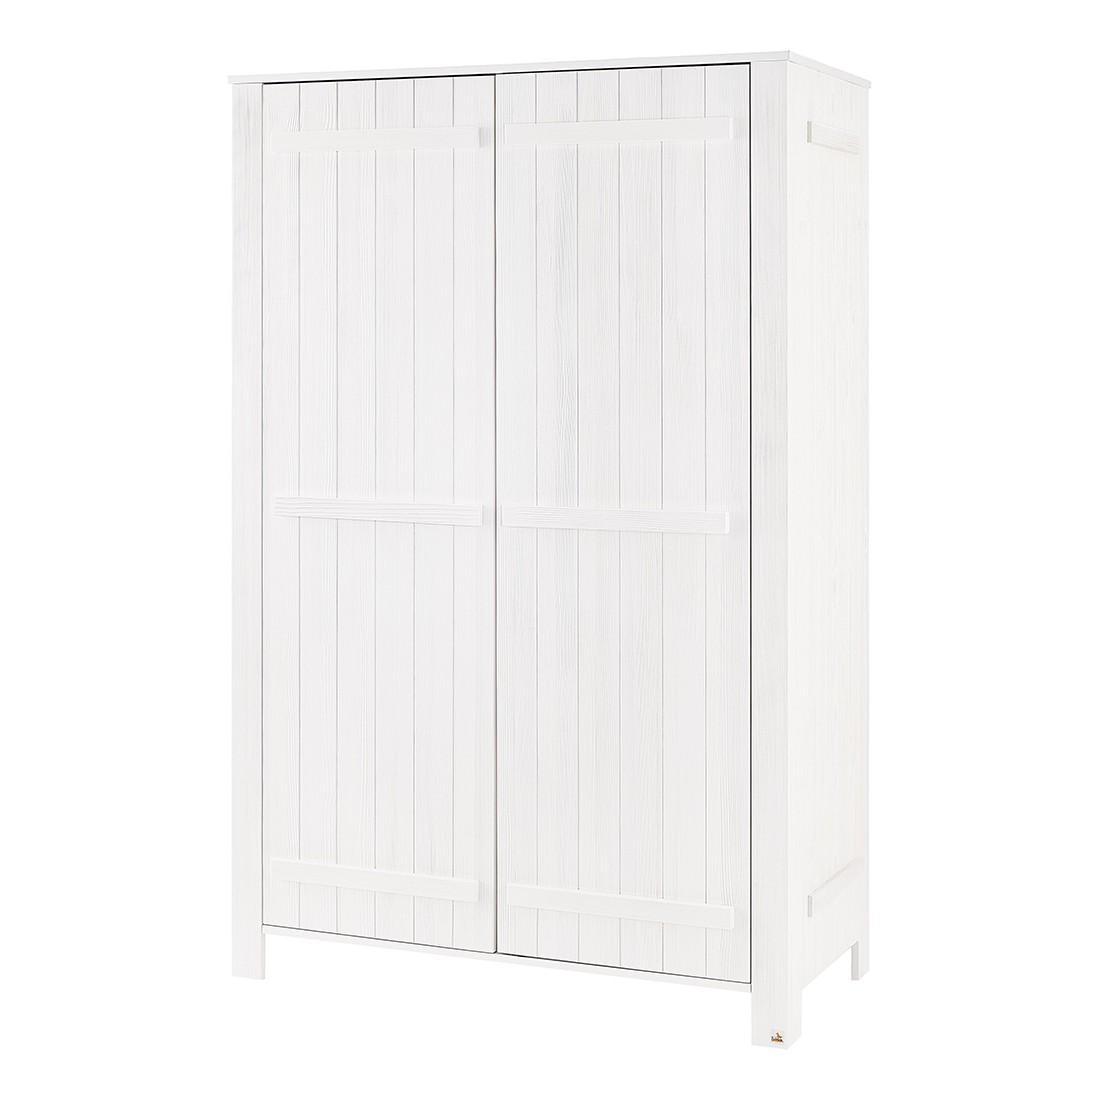 Armoire à vêtements County (2 portes) - Pin - Blanc - Lasuré, Pinolino